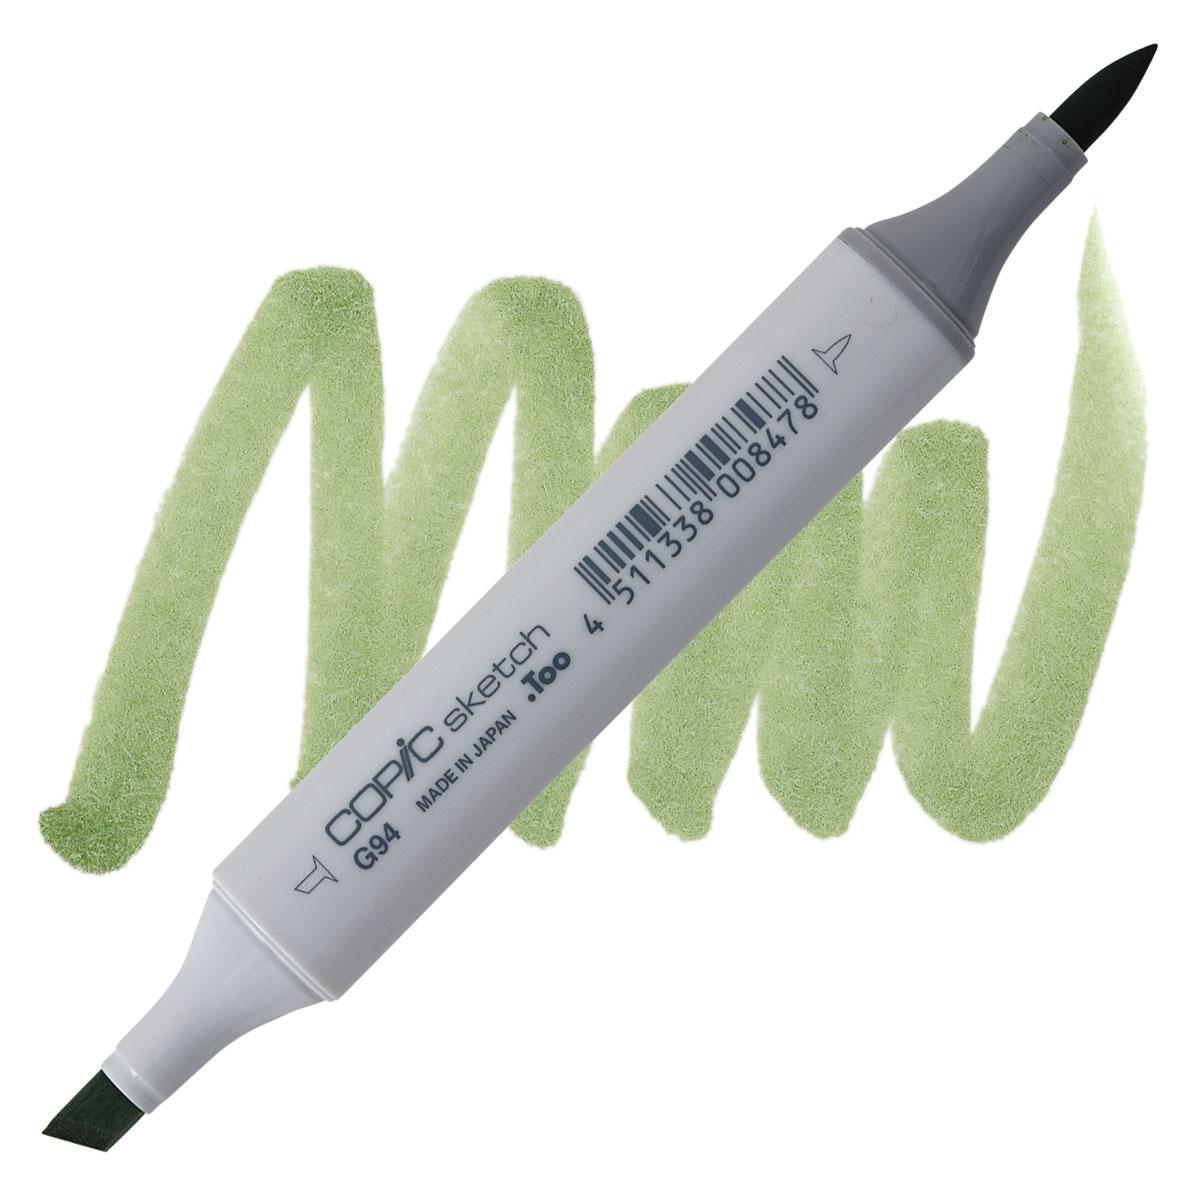 221112400 copic sketch markers blick art materials